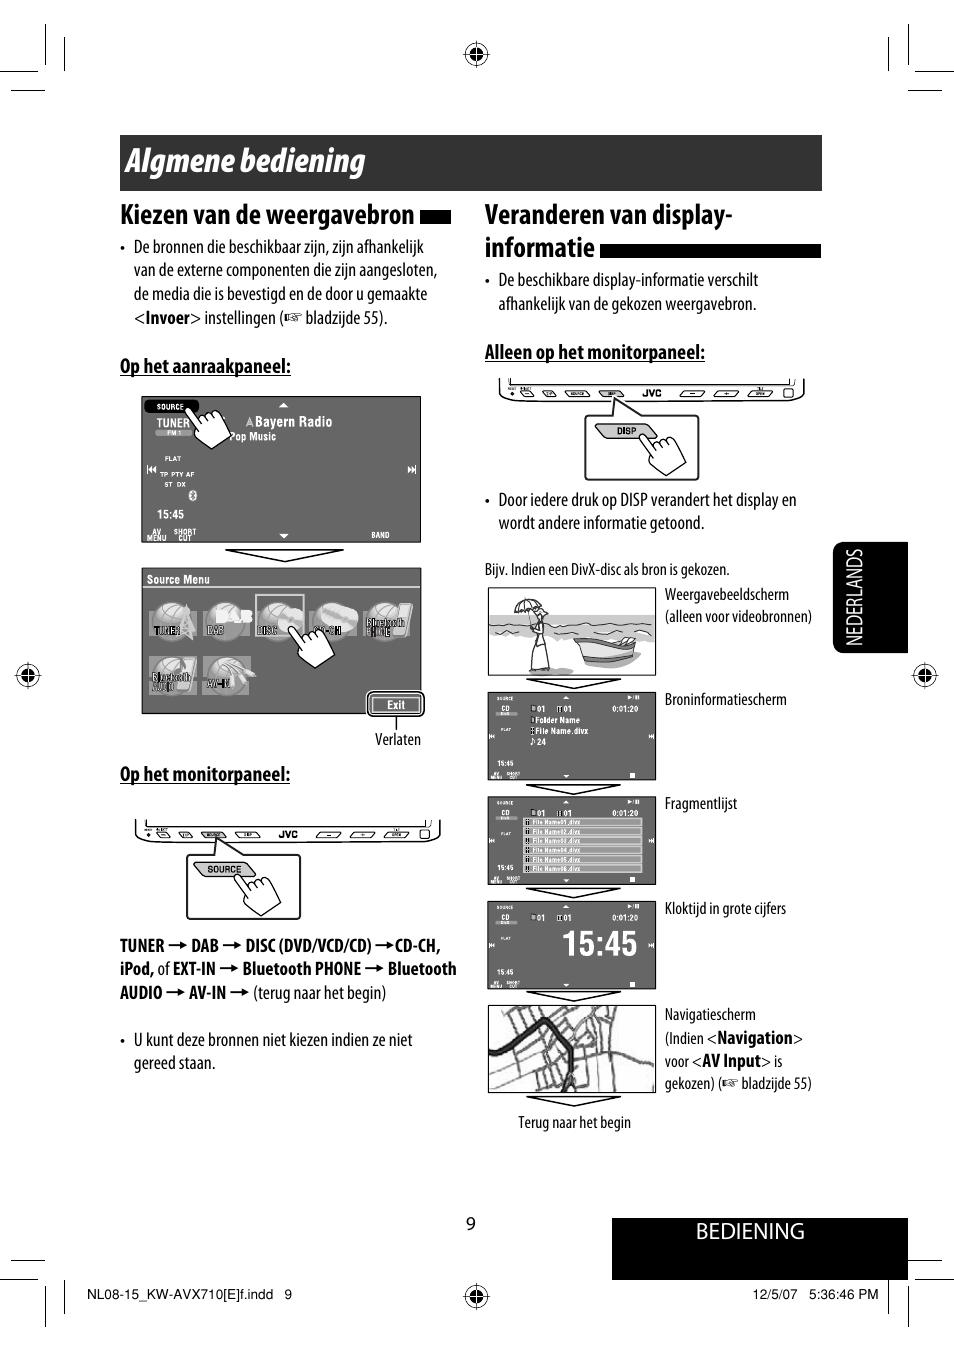 Algmene bediening, Veranderen van display- informatie, Kiezen van de  weergavebron | Bediening,